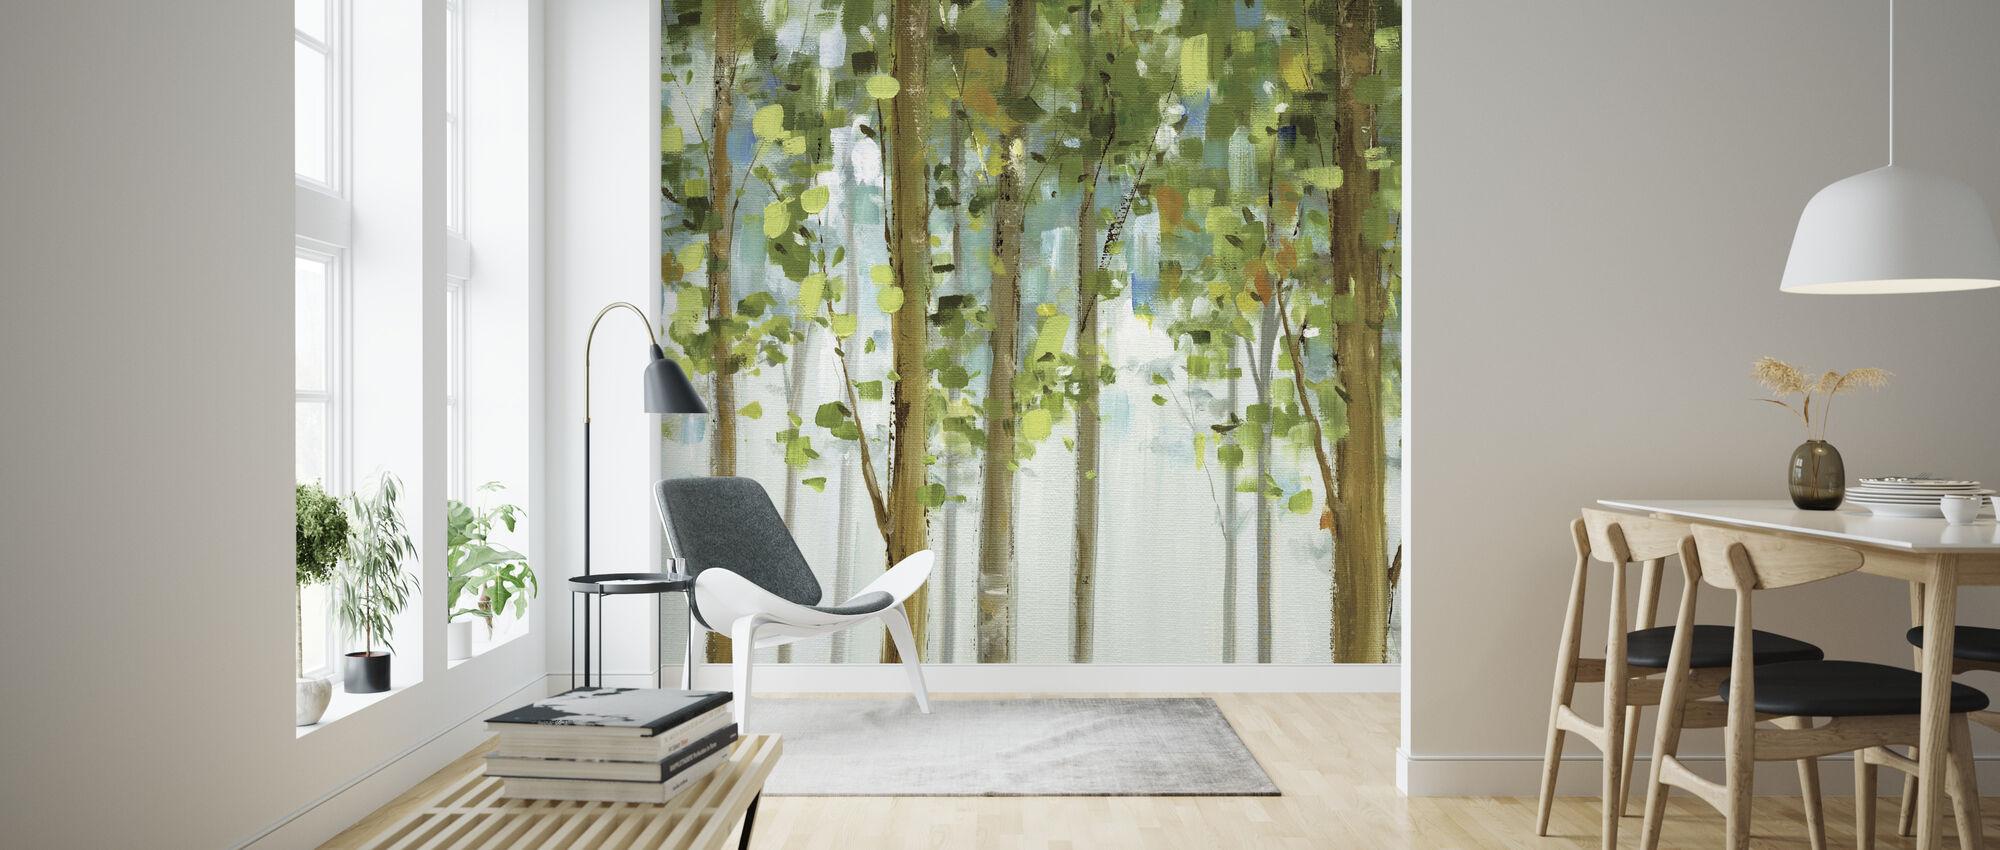 Étude des forêts - Papier peint - Salle à manger